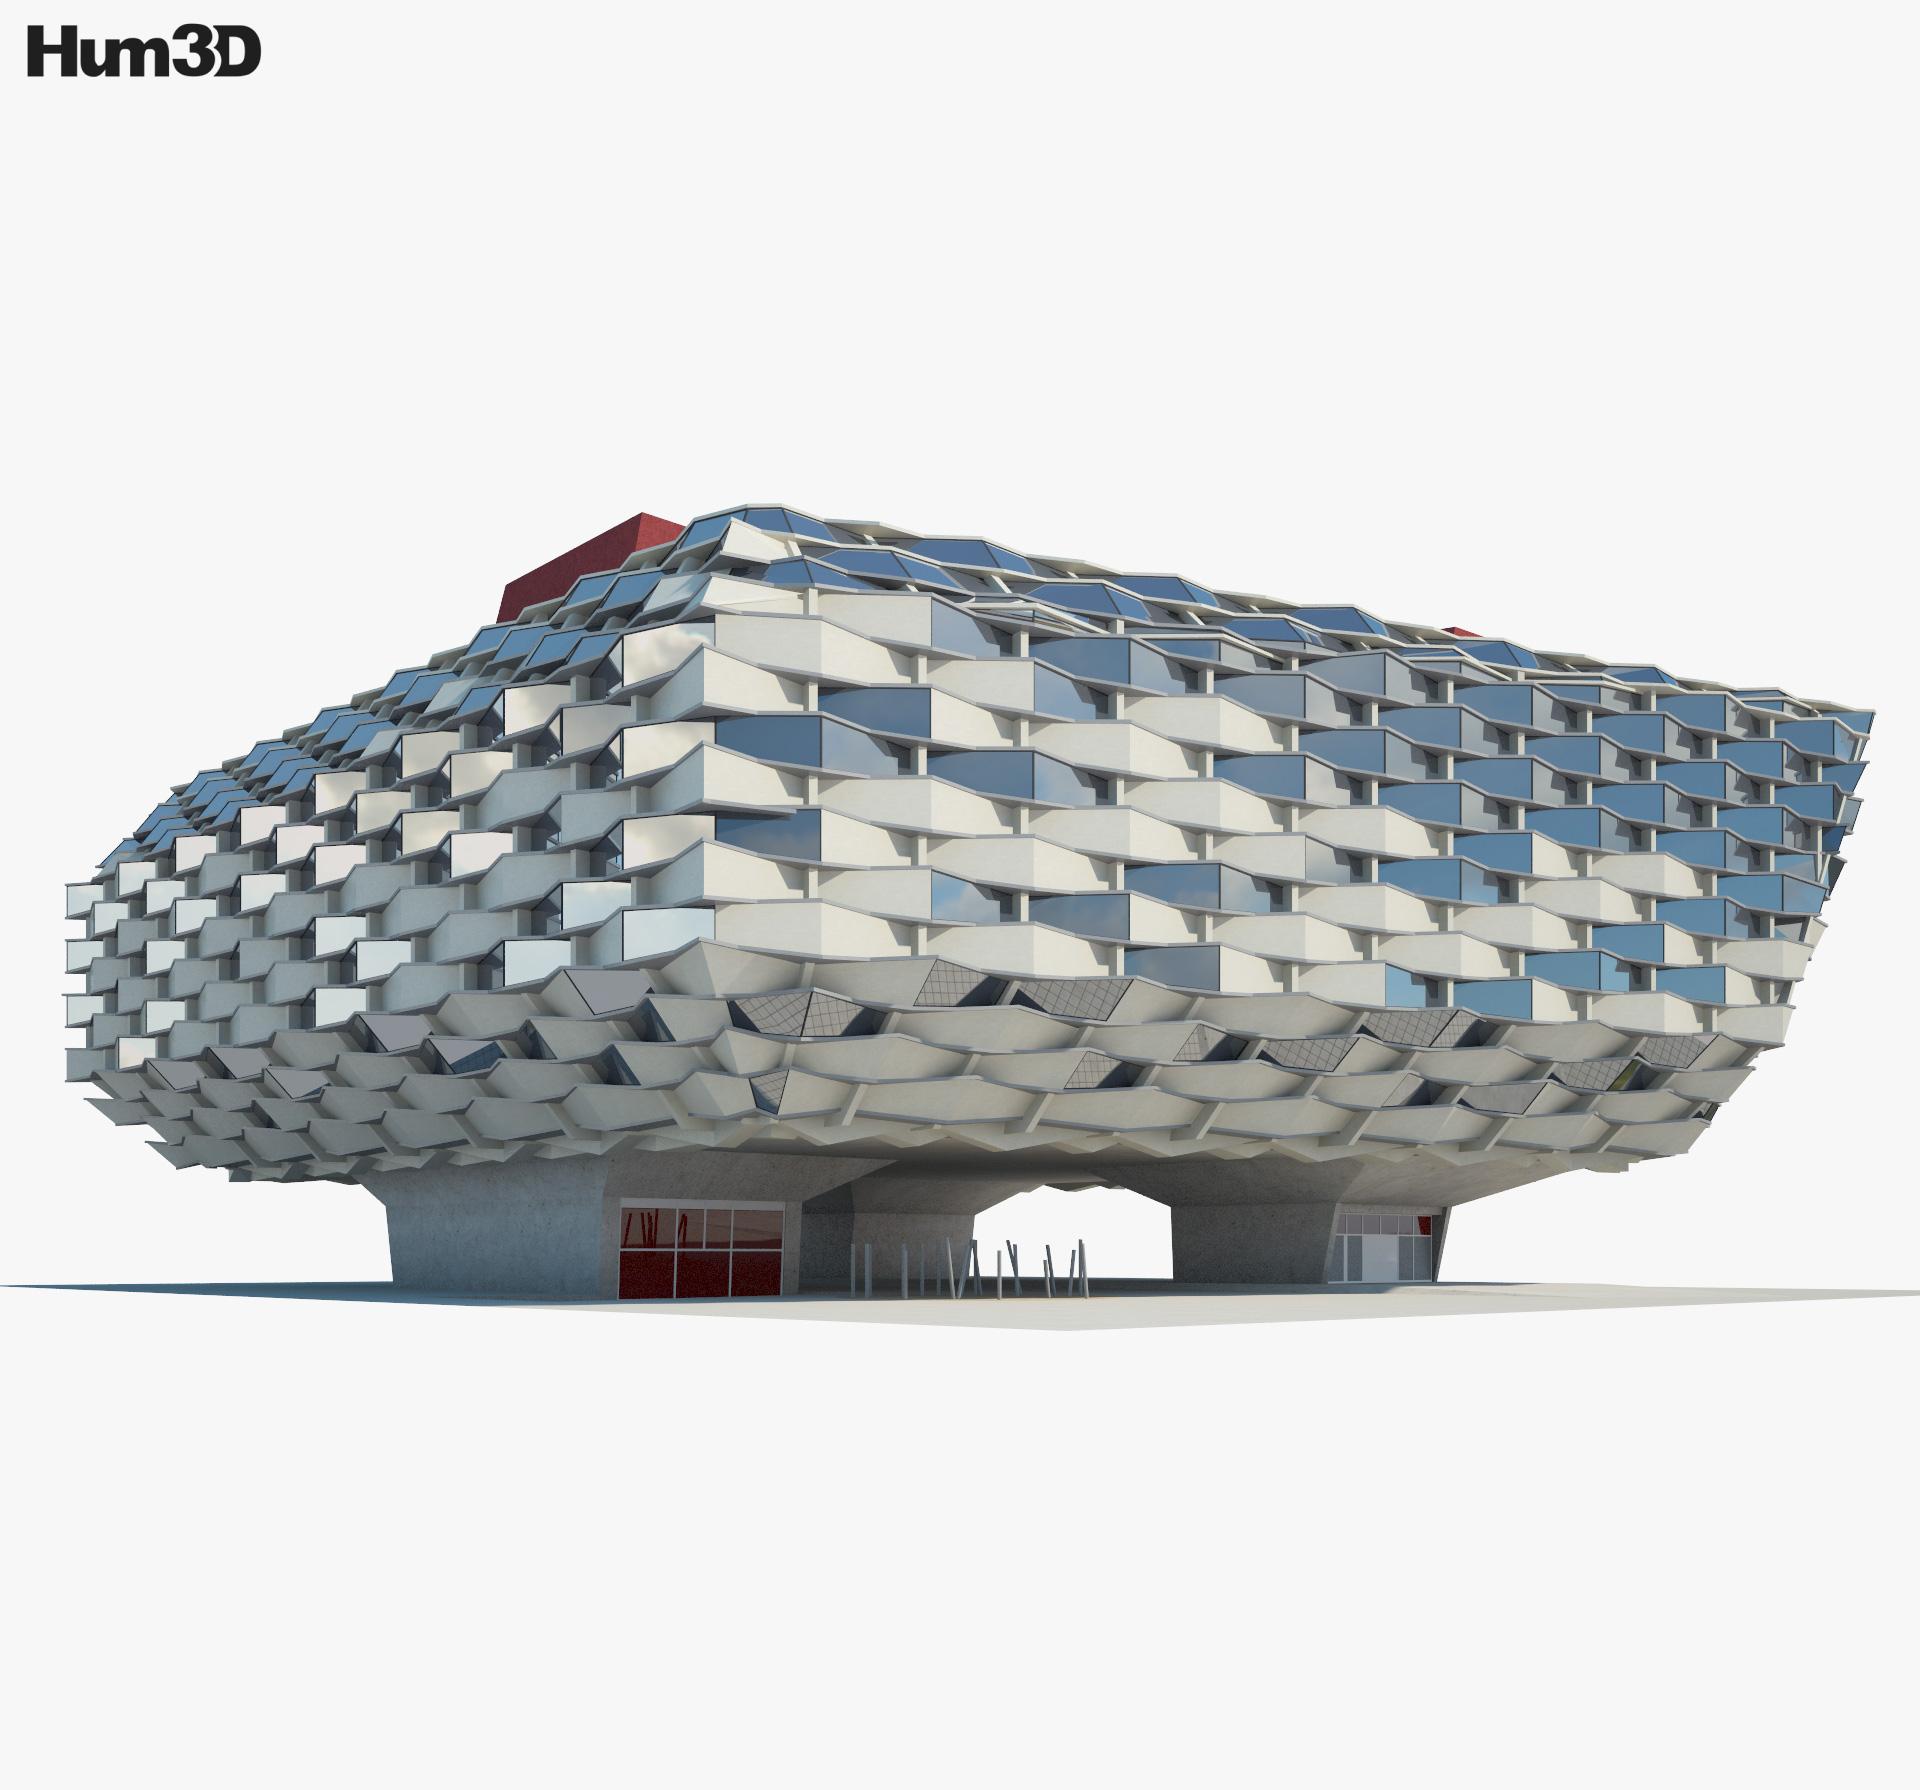 3D model of Pabellon de Aragon